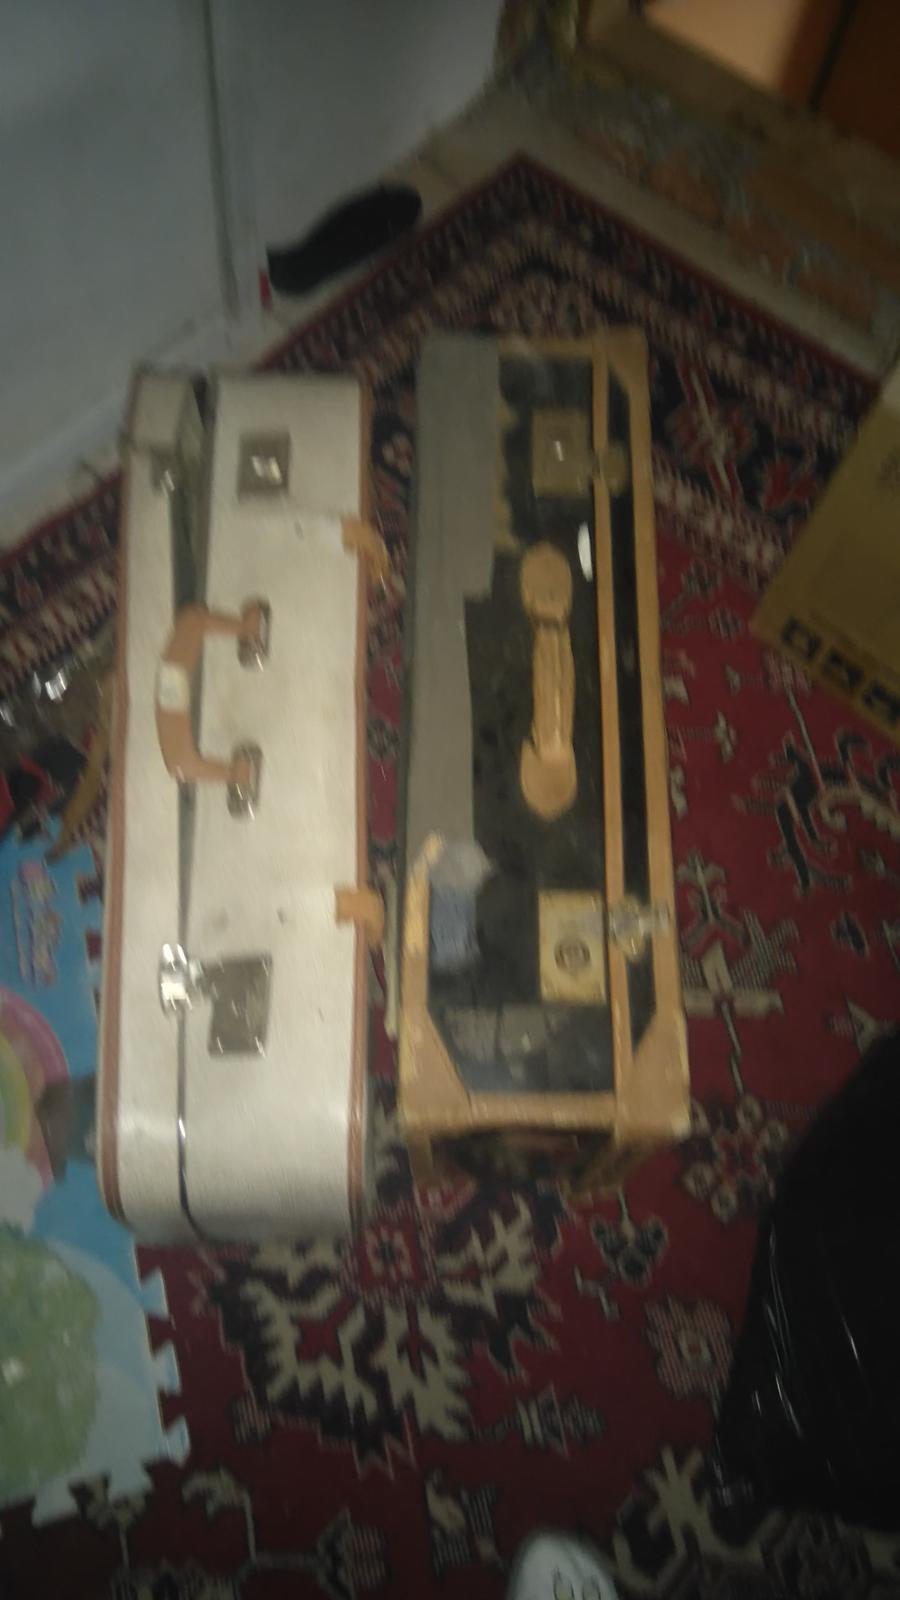 """Výzdoba v štýle a la """"babička"""" alebo čo mám naskreckovane :-D - Konečne som sa vytrepala pre staré kufre na povalu..."""